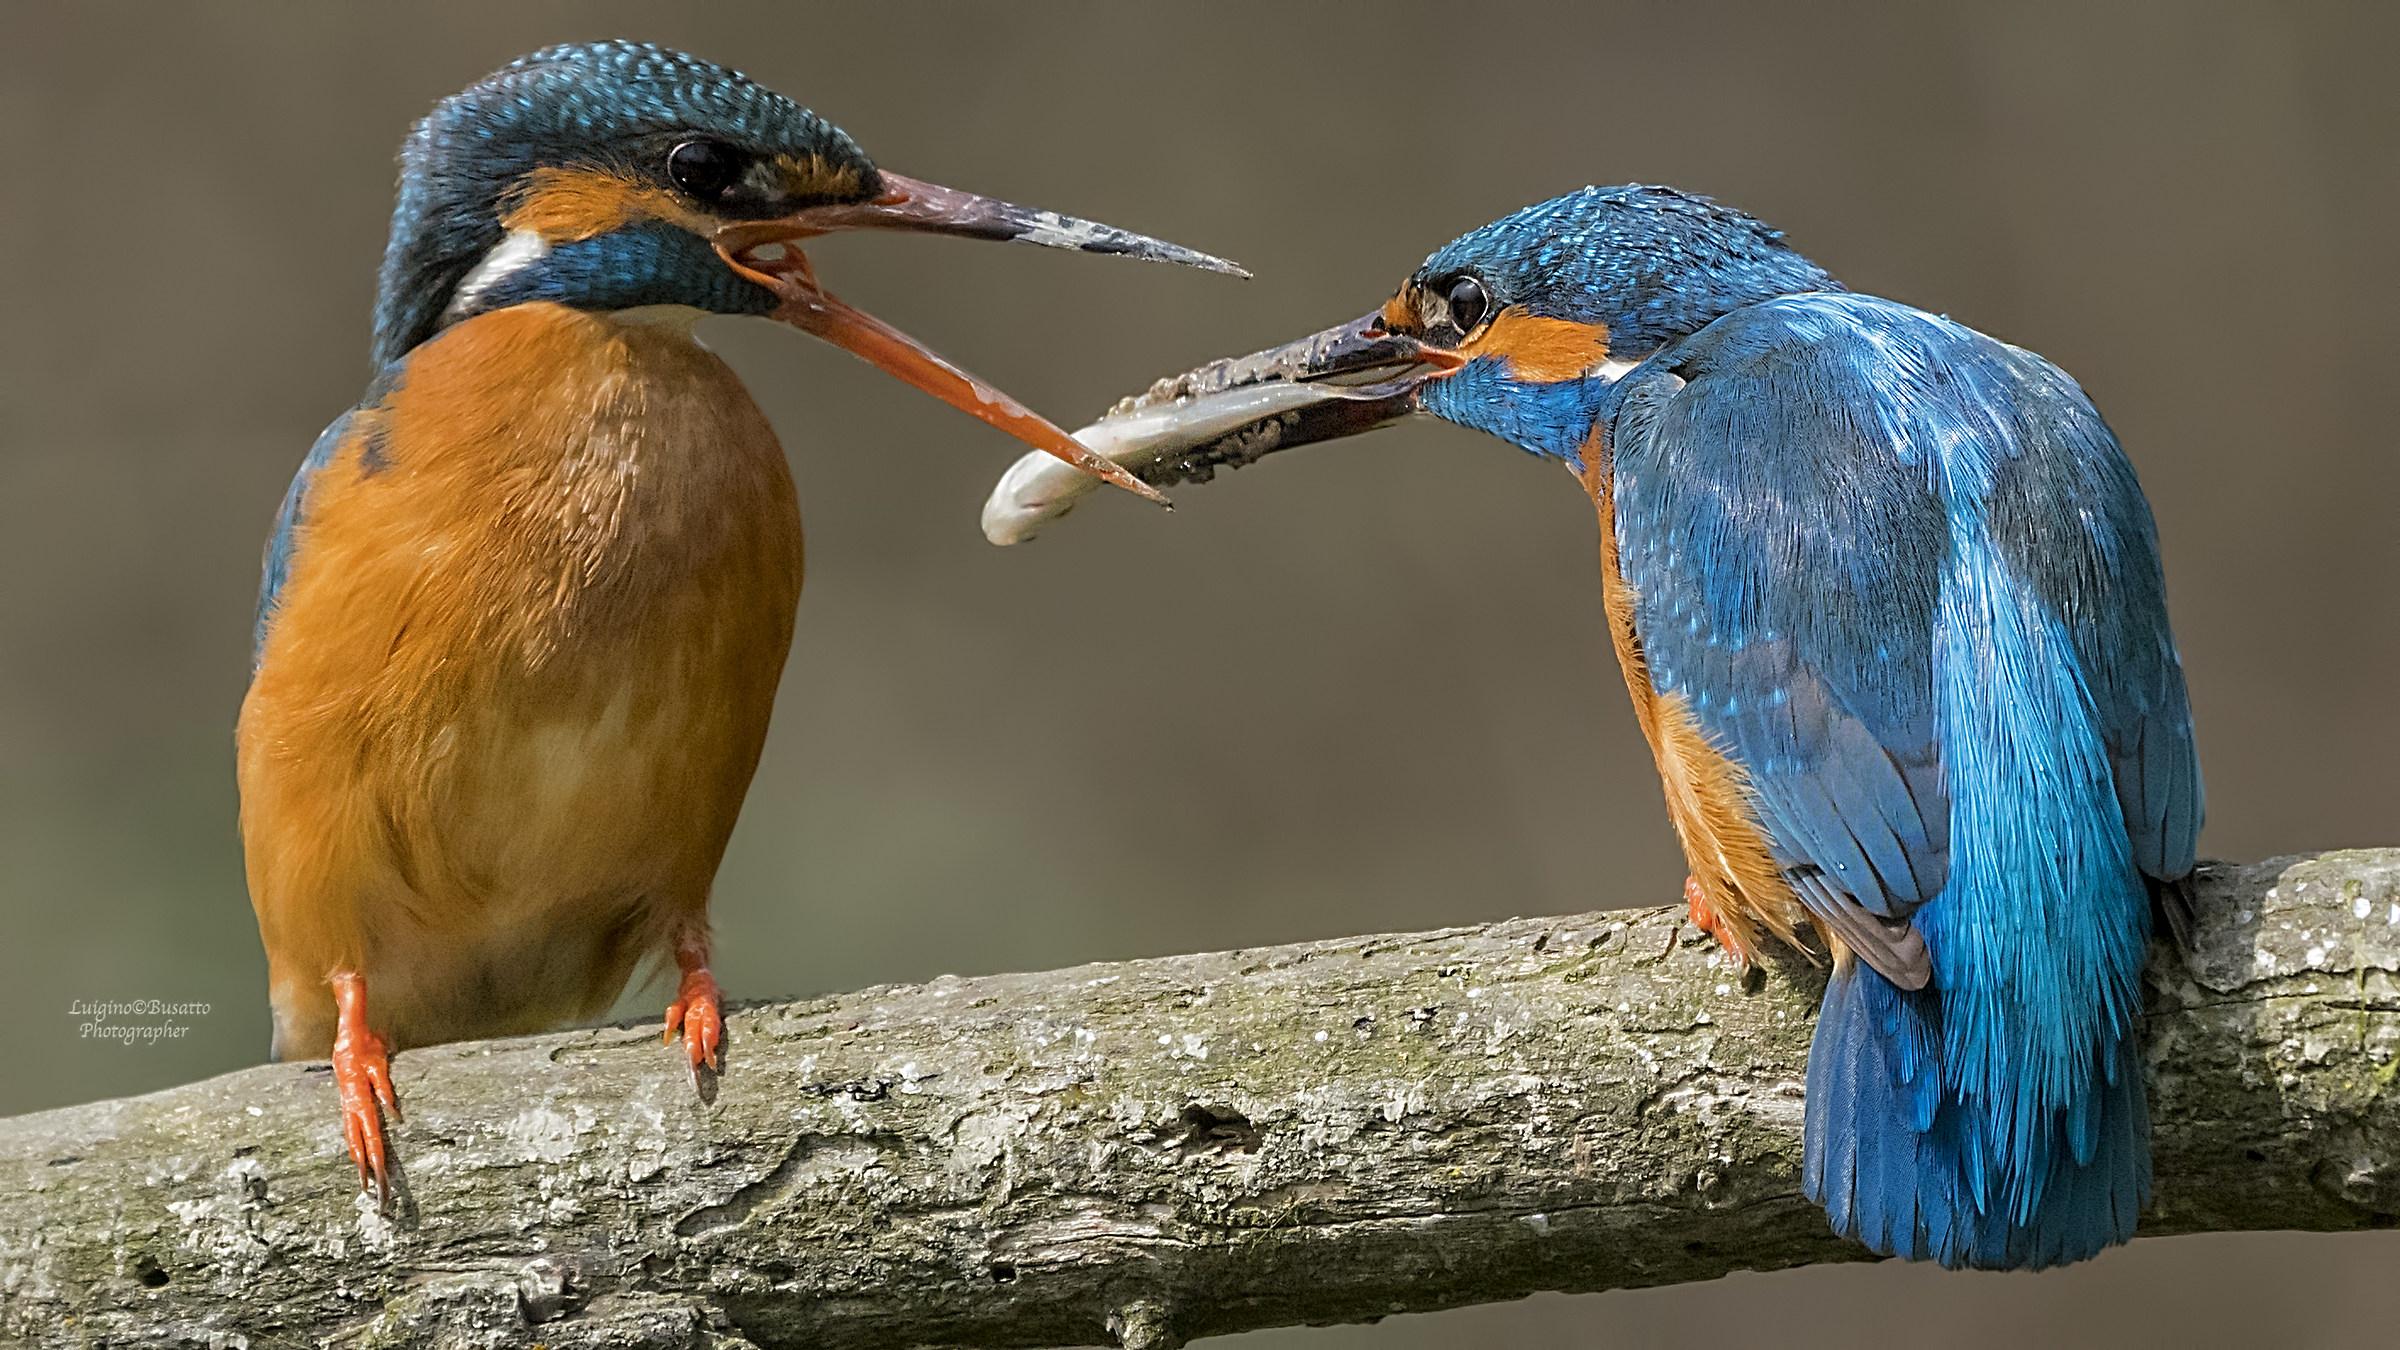 Kingfisher gift exchange ...